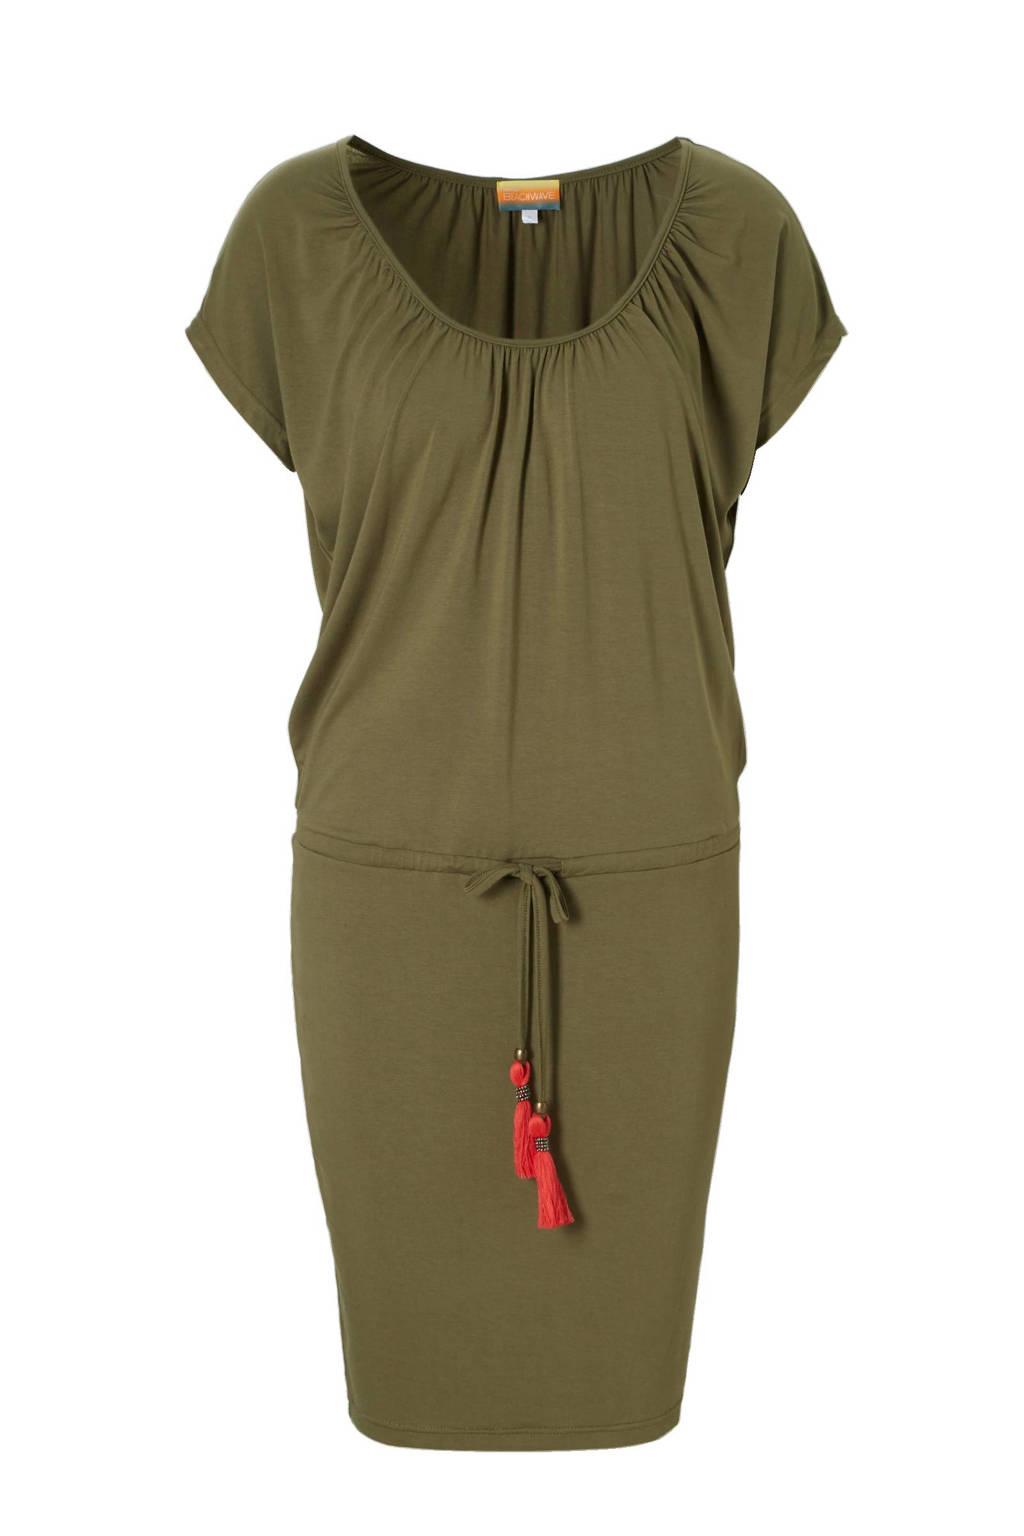 nieuwe afbeeldingen van goedkoop kopen mannen / man jurk